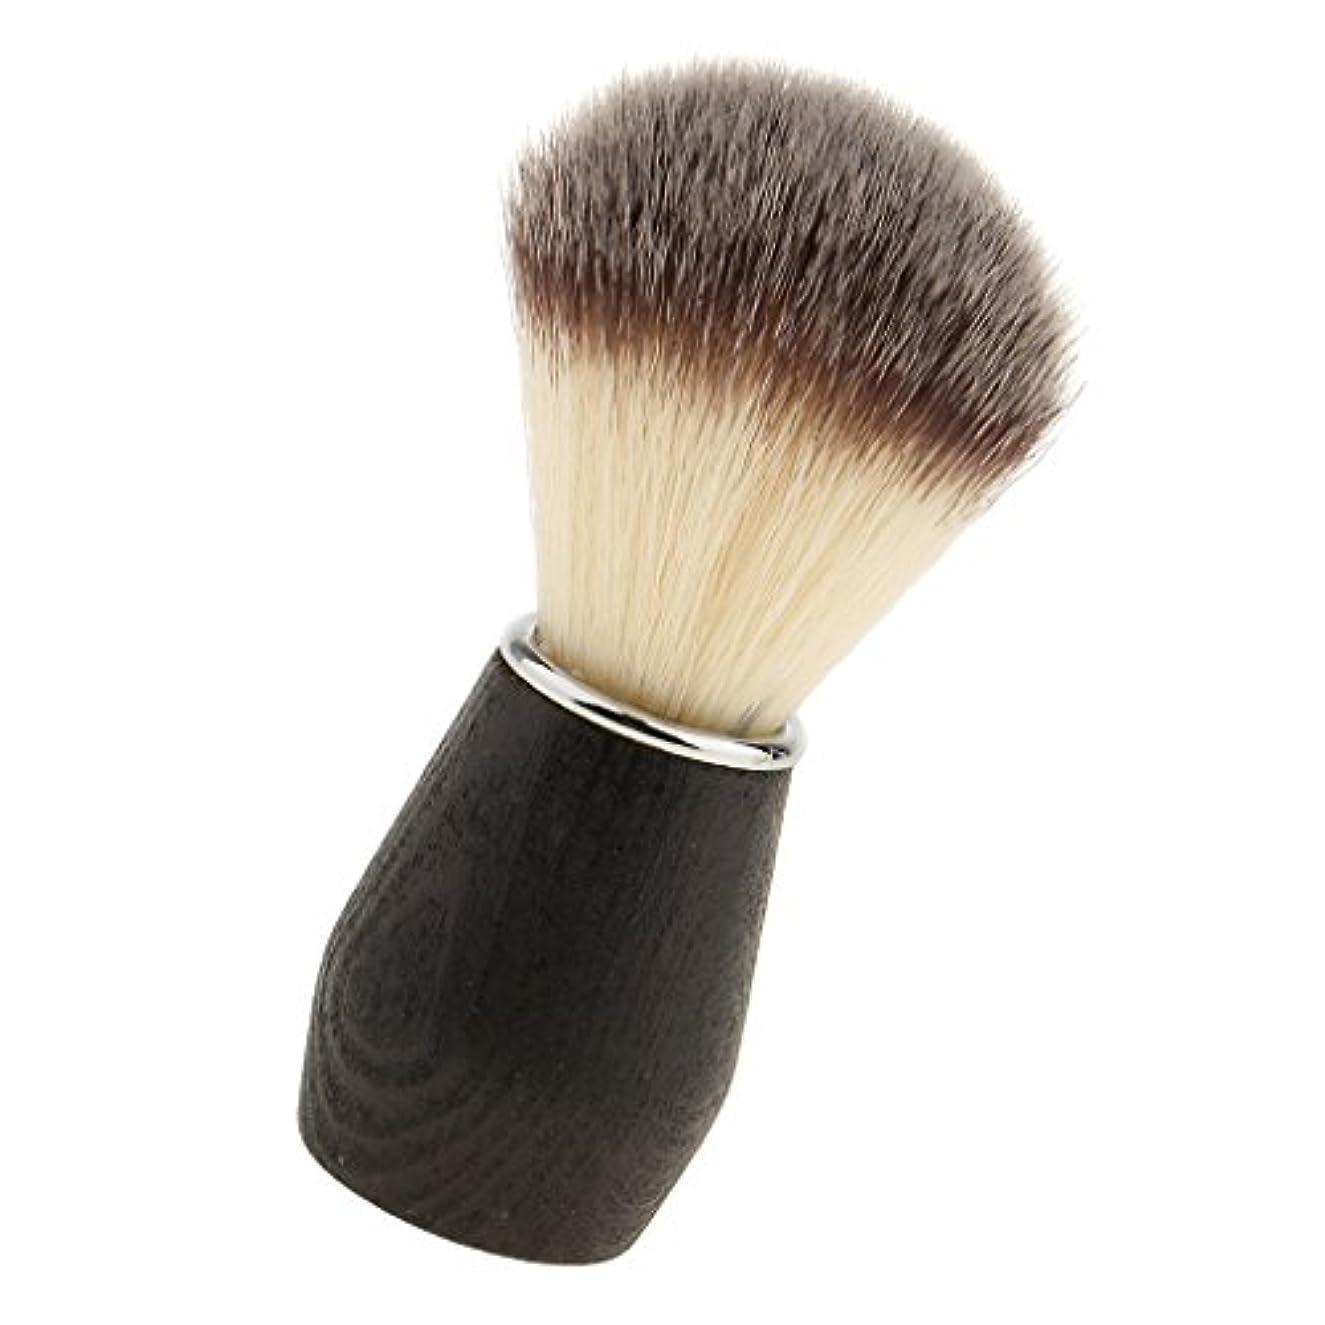 不快な歌破壊sharprepublic ポータブルメンズインシェービングブラシナイロン髪木製ハンドルかみそり理髪ツール - 3